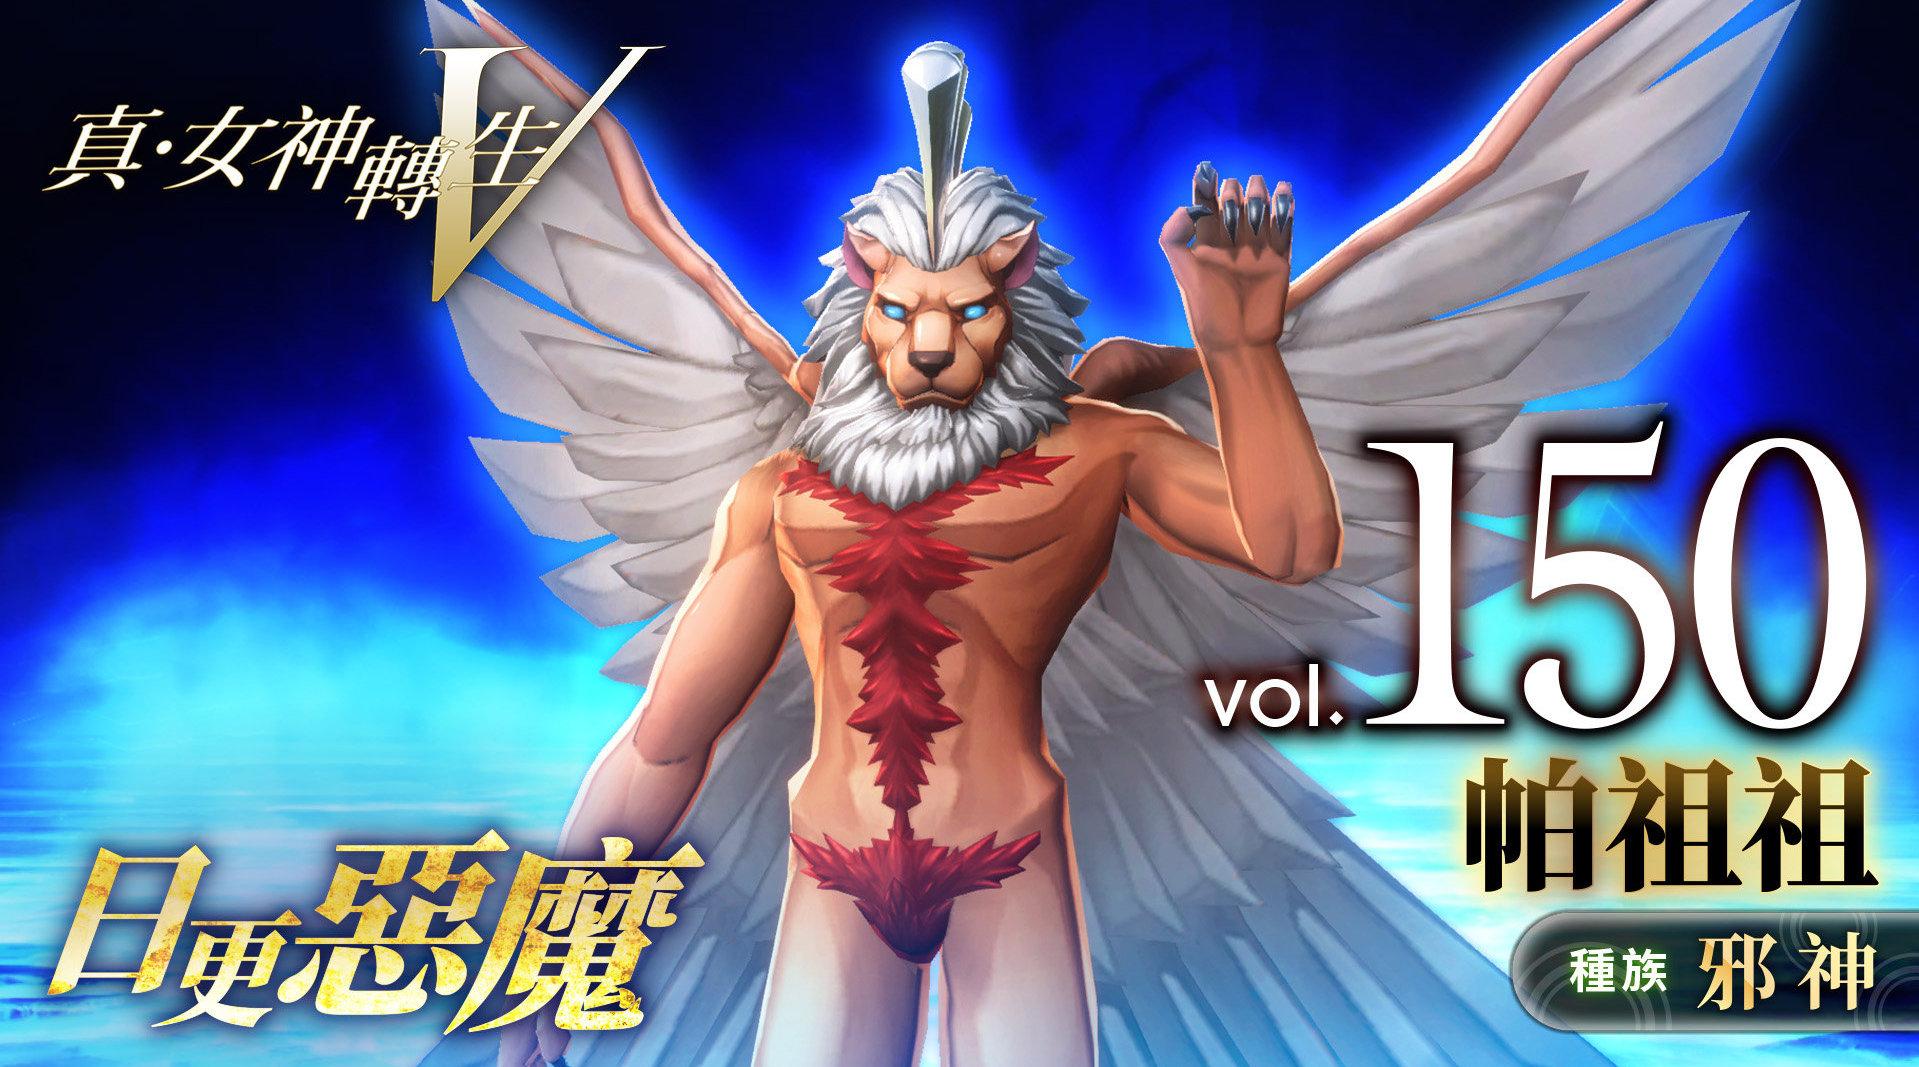 《真女神转生5》恶魔介绍:苏美恶神帕祖祖